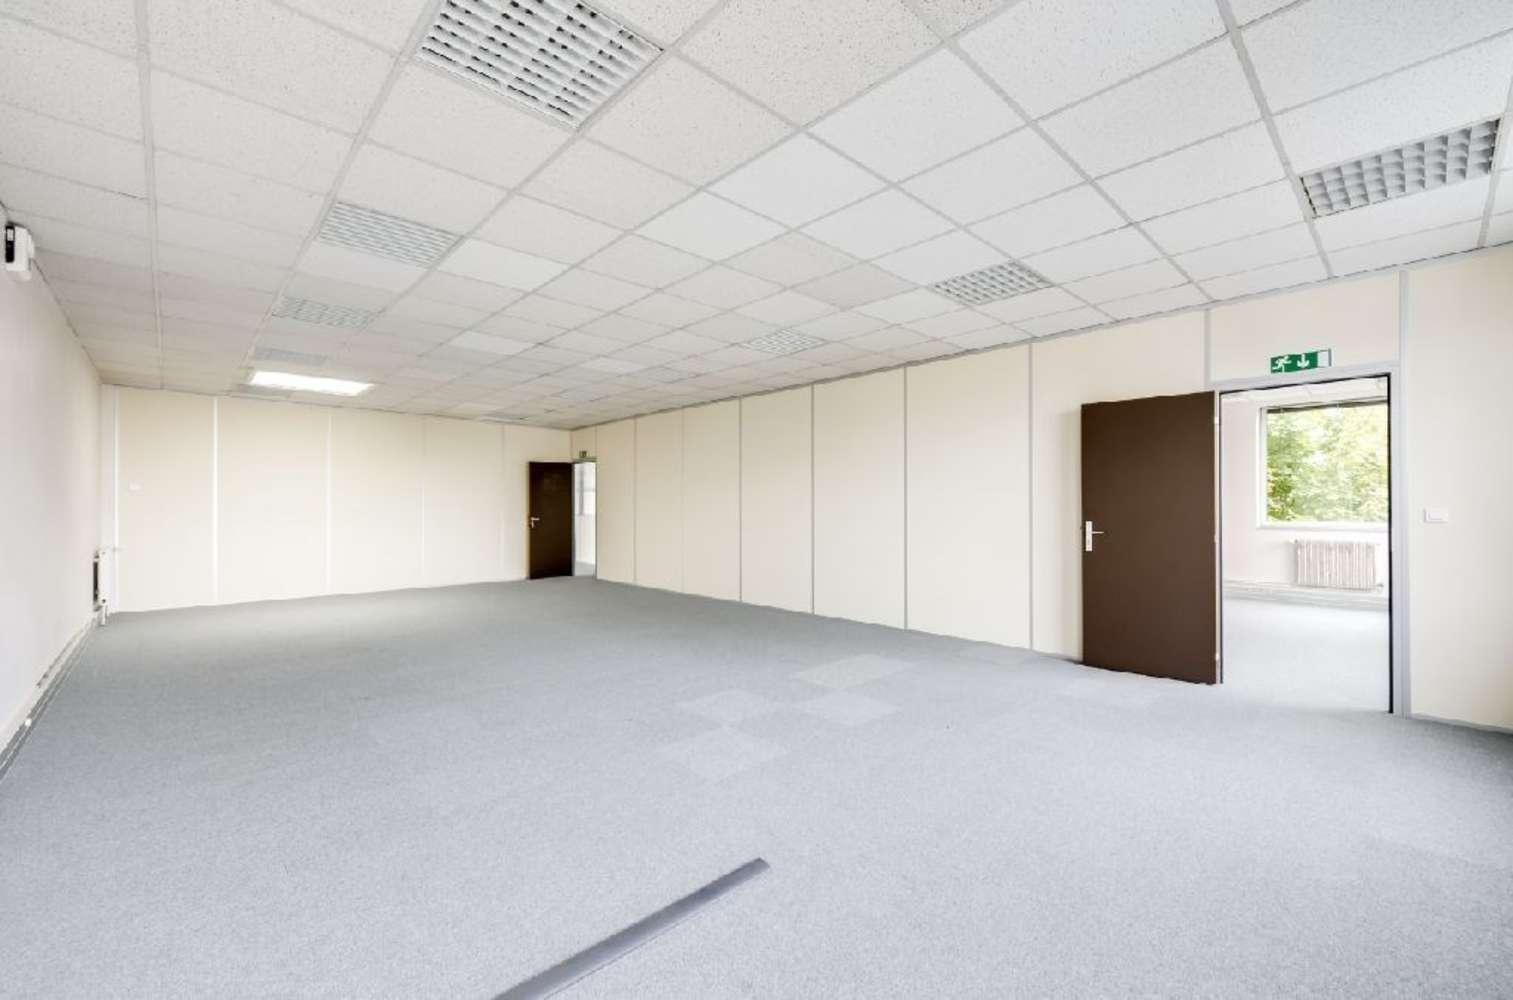 Activités/entrepôt Gennevilliers, 92230 - PARC LOUIS ROCHE - 9496578